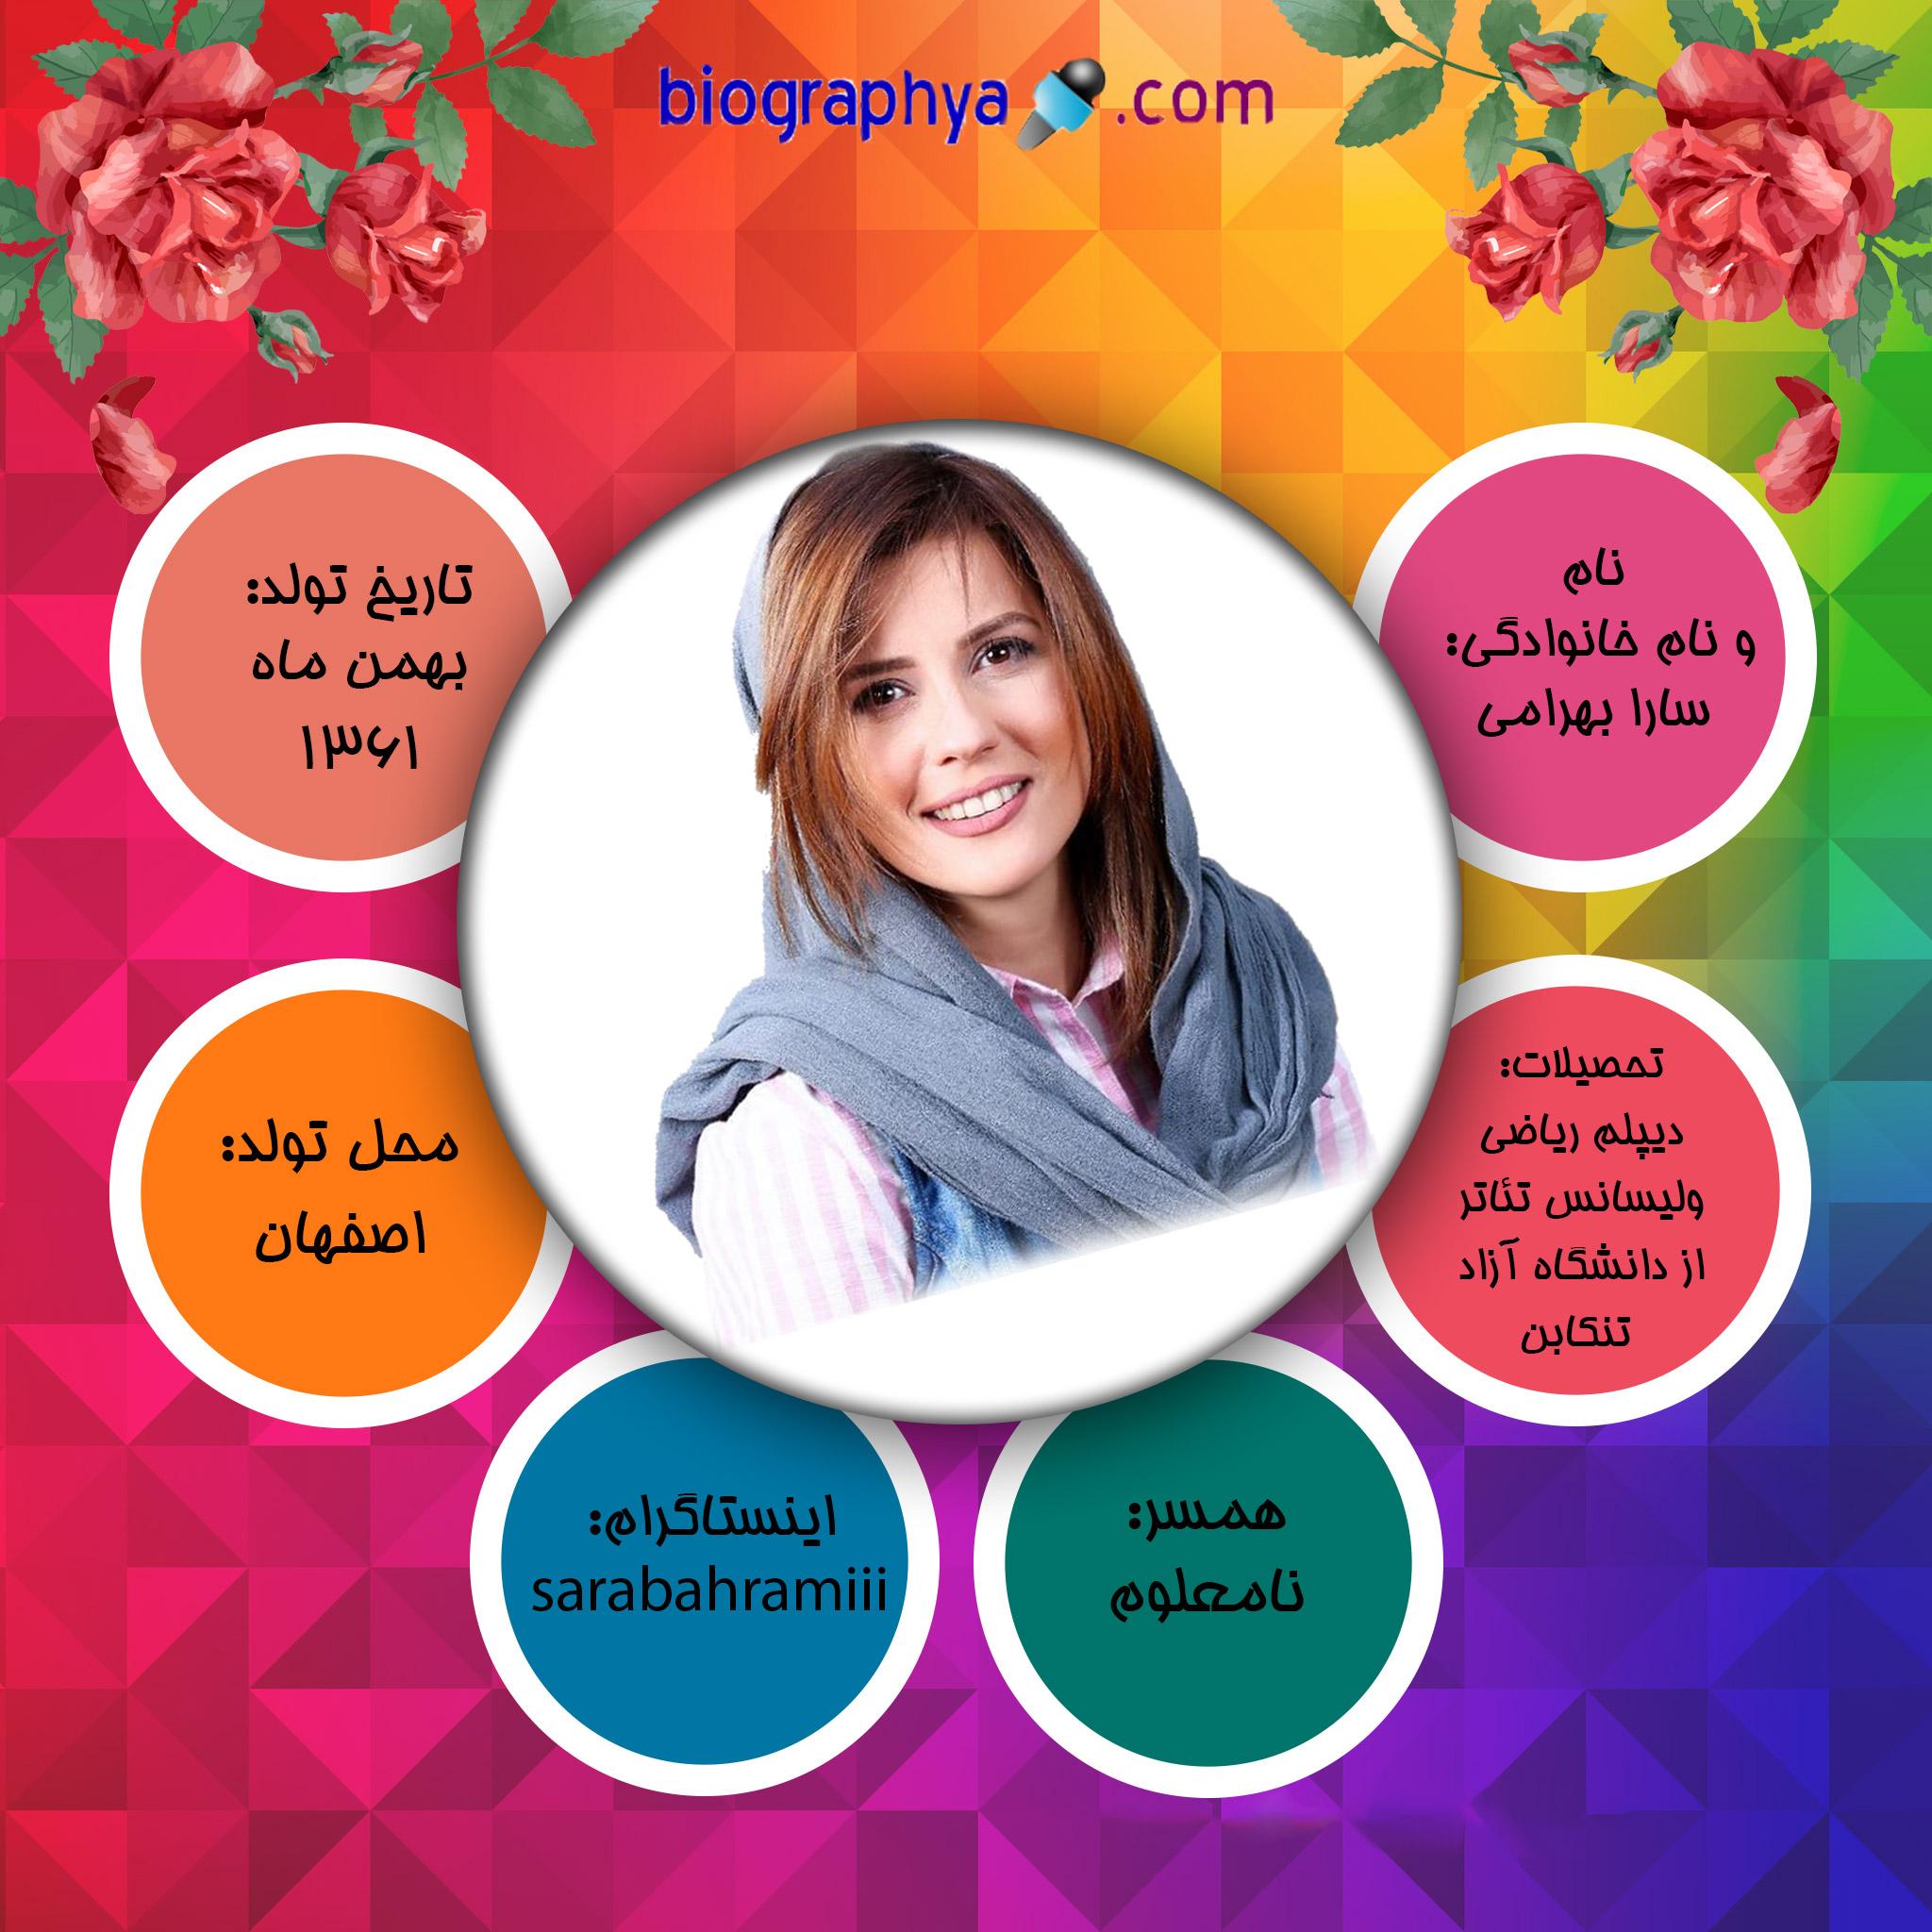 معرفی مرجع بیوگرافی ایران Biographyha.com